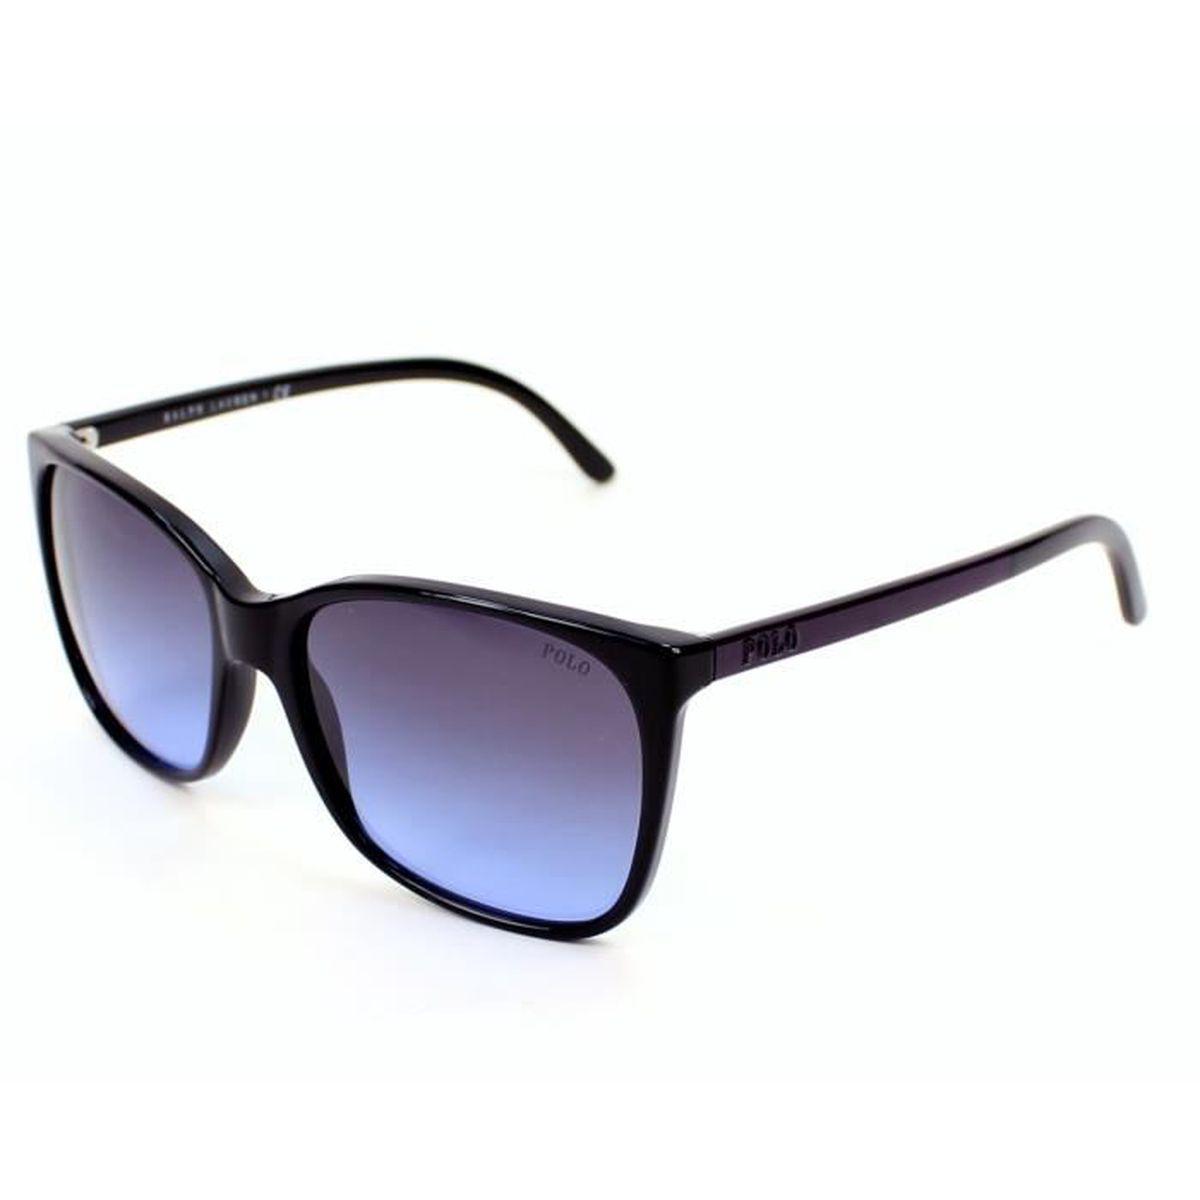 6d390c17e8e Lunettes de soleil Polo Ralph Lauren PH4094 -551779 Noir - Violet ...